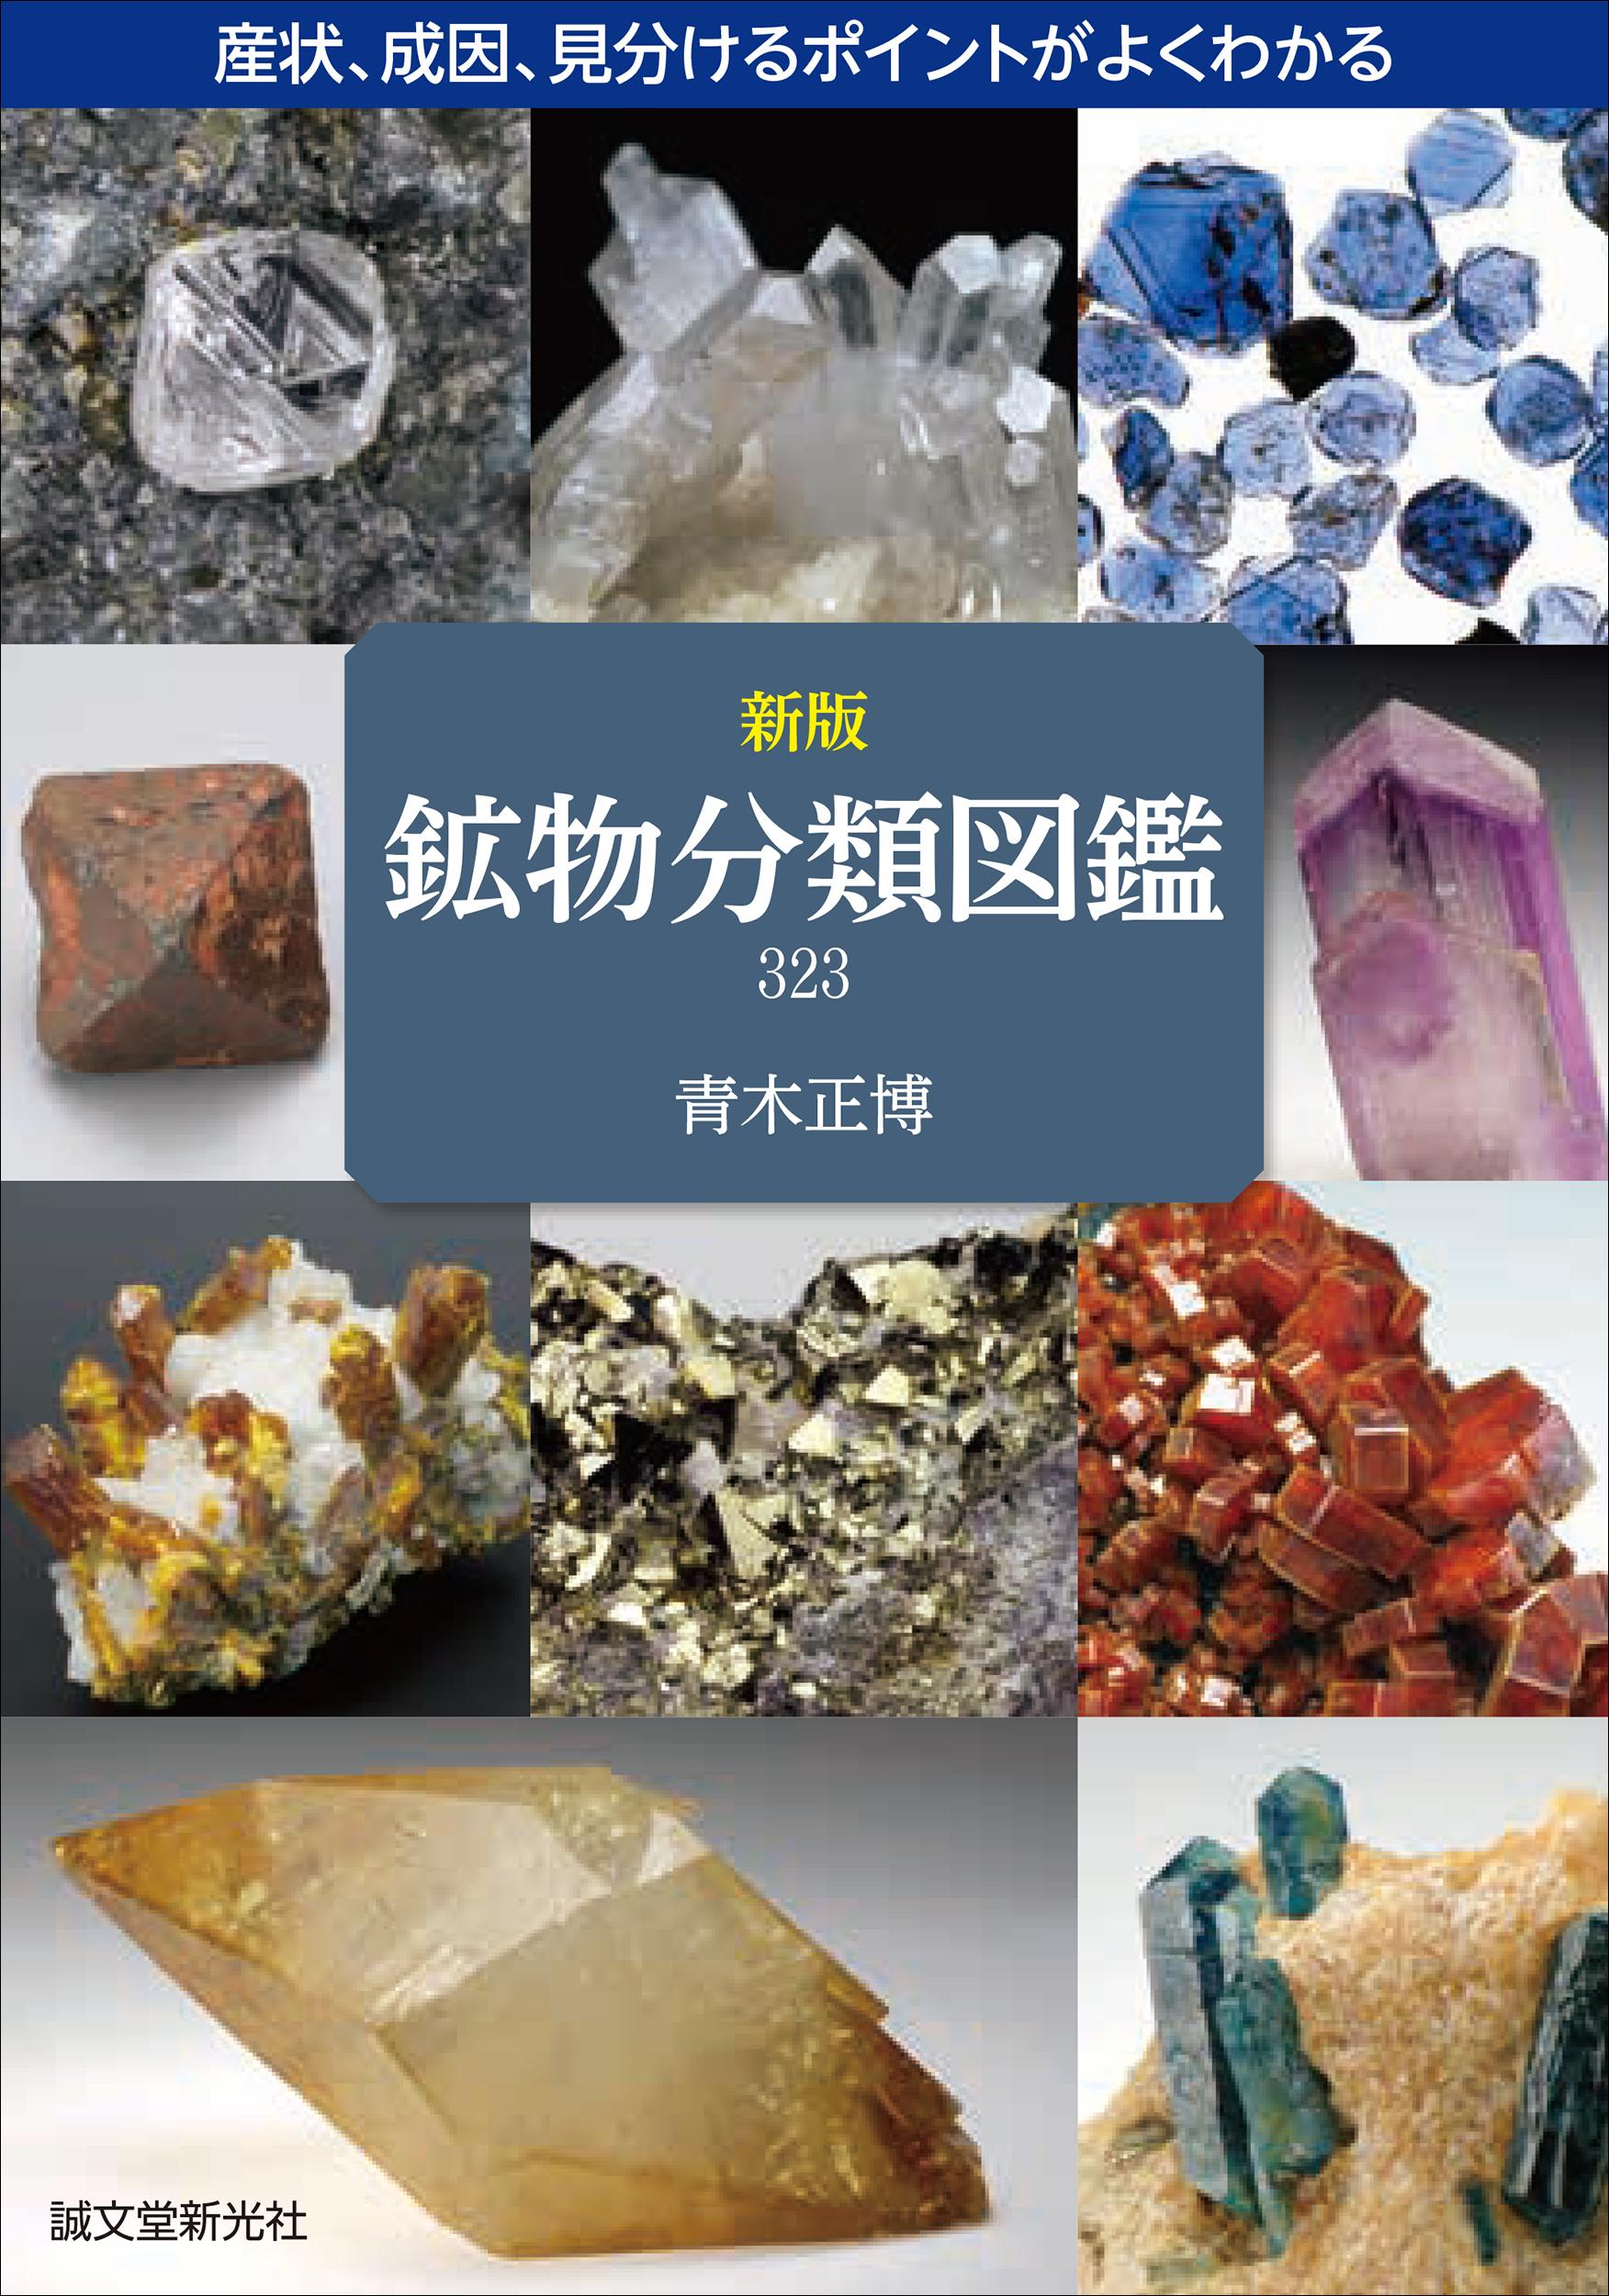 黒曜石から琥珀(こはく)まで カラー写真で知る鉱物